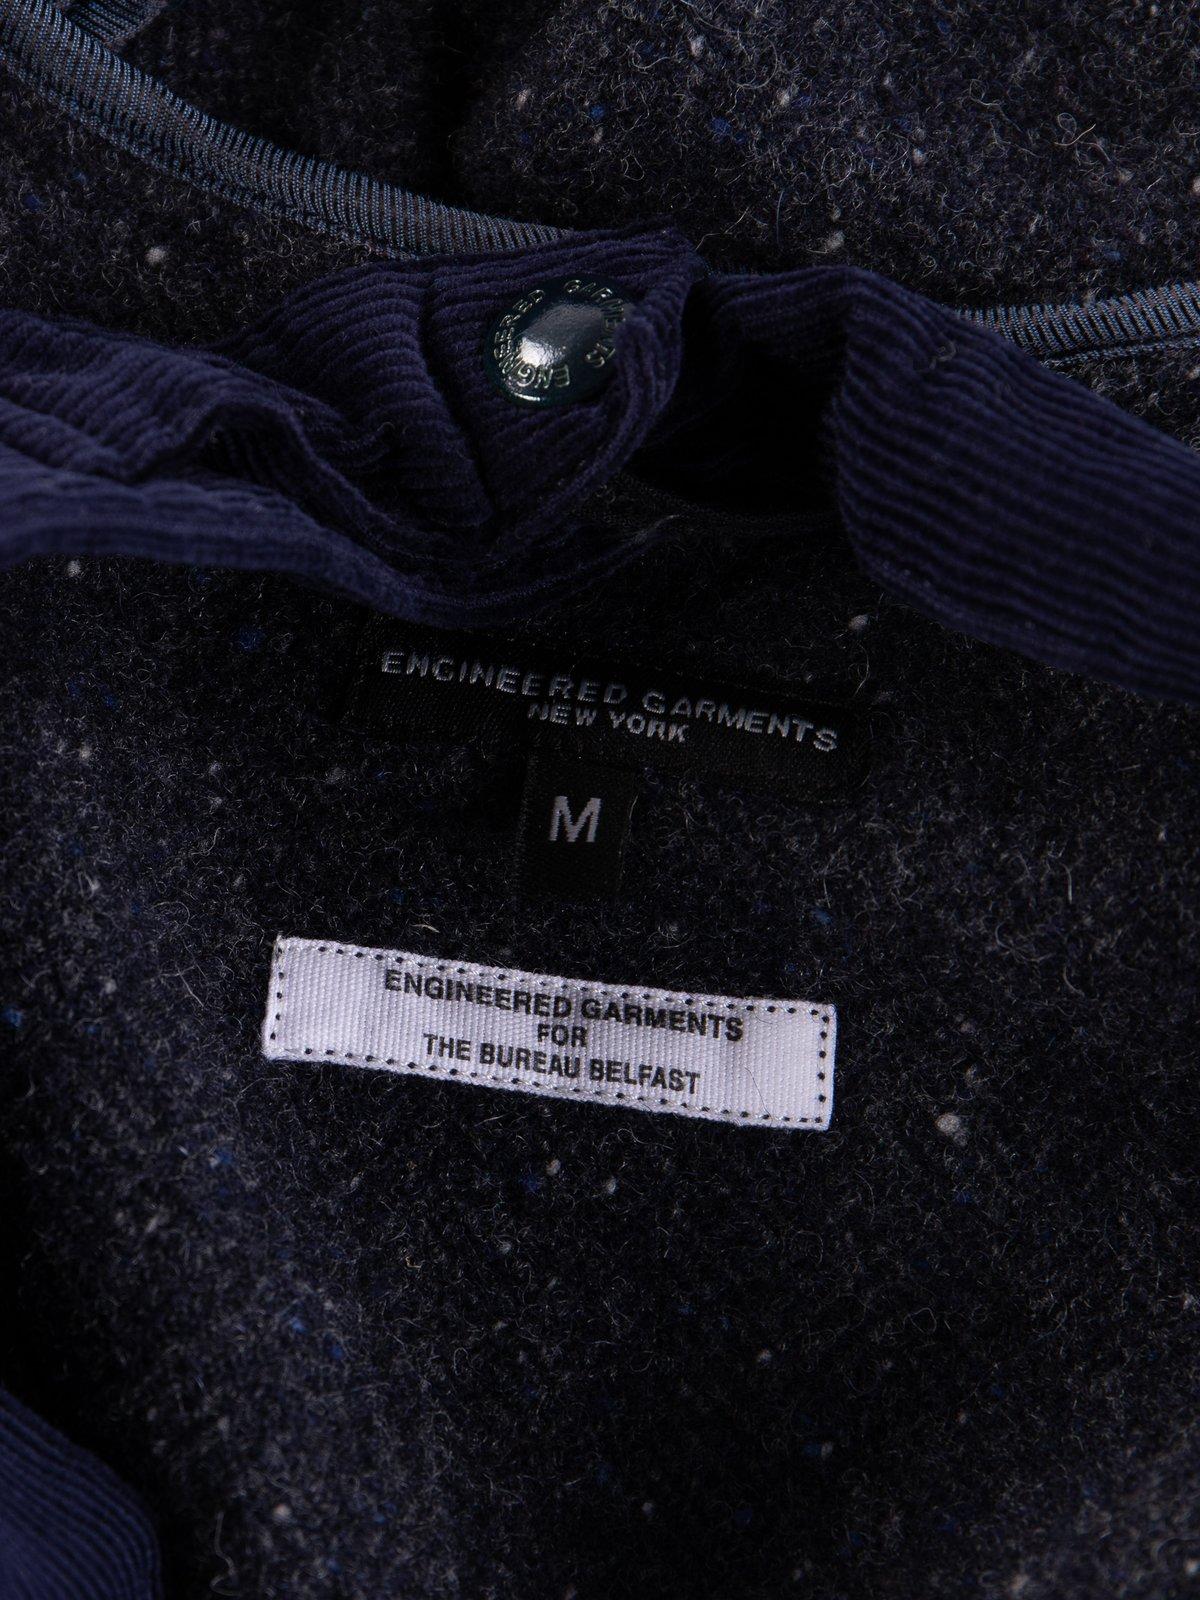 Navy Herringbone Donegal Wool Tweed Madison Parka - Image 11